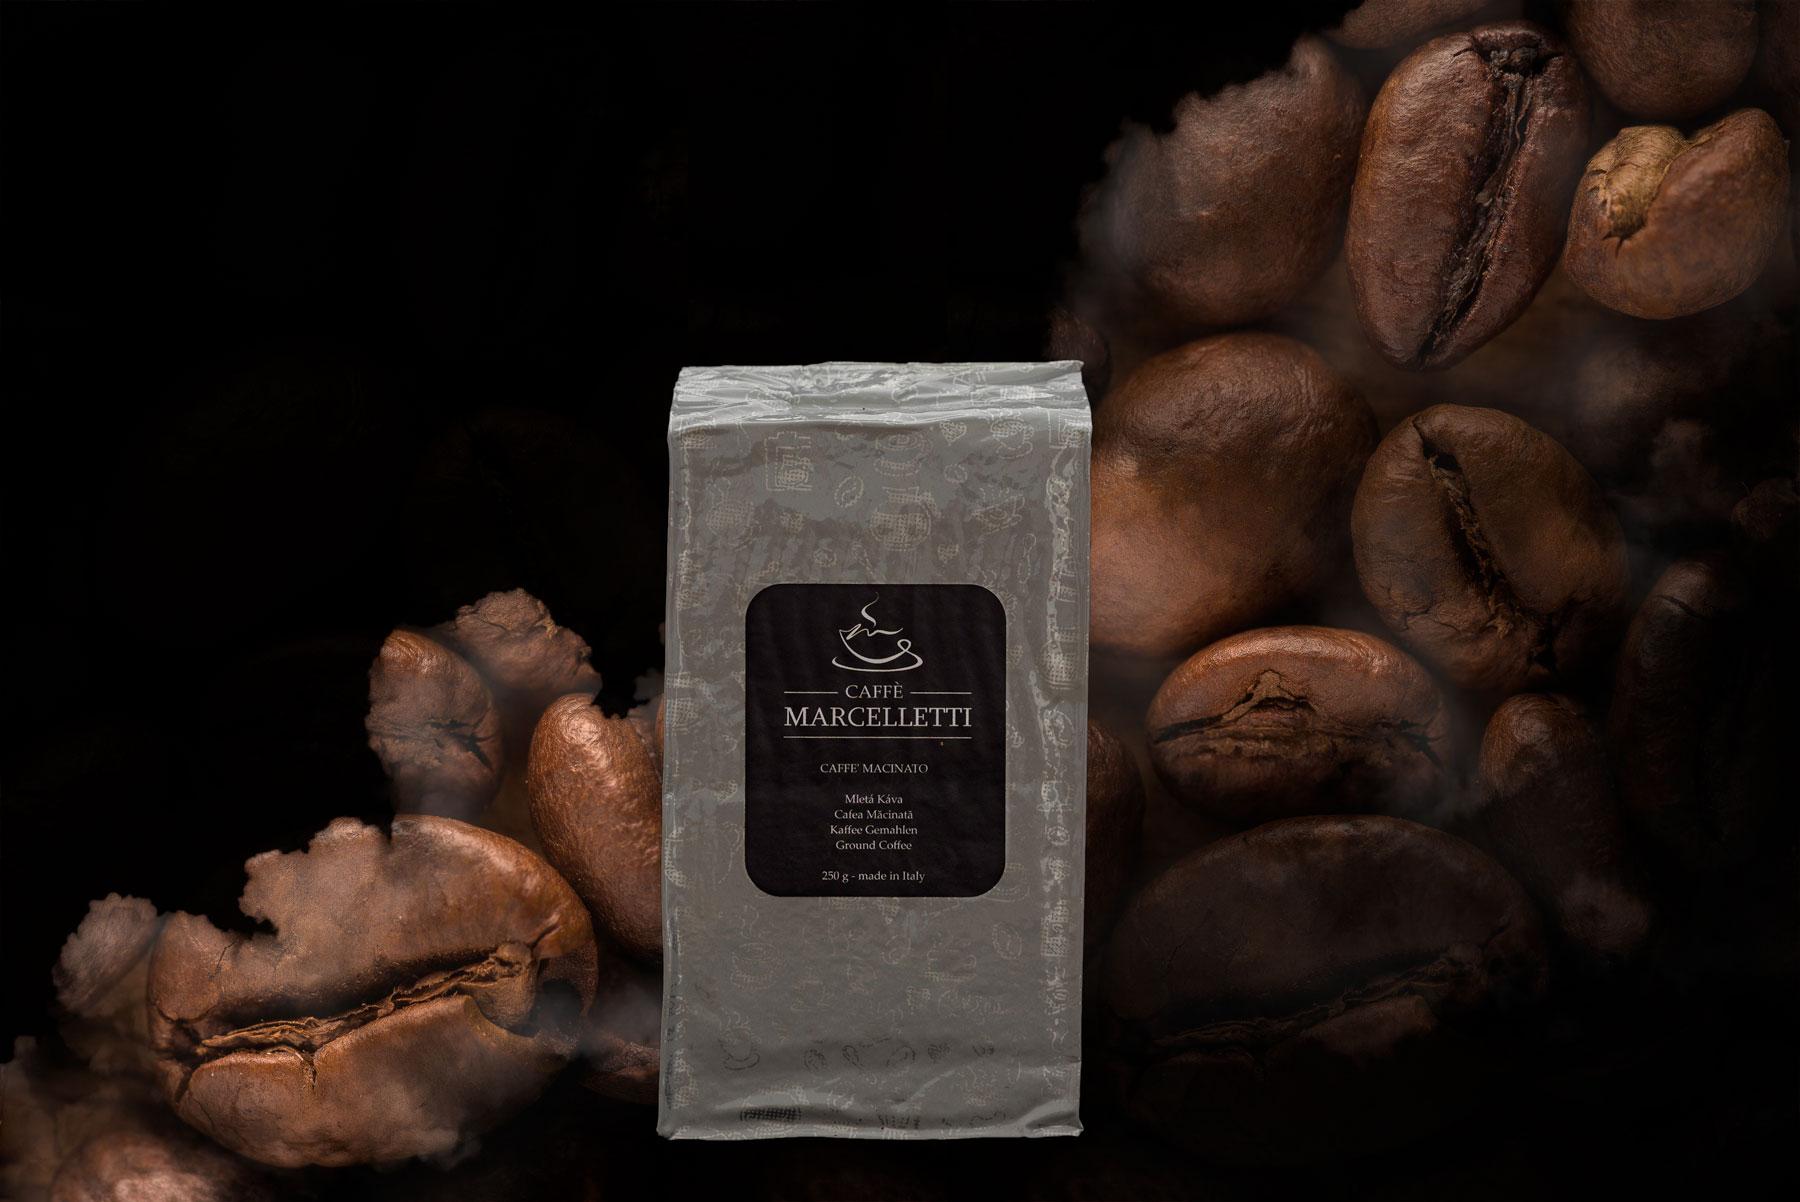 Caffè Macinato Marcelletti